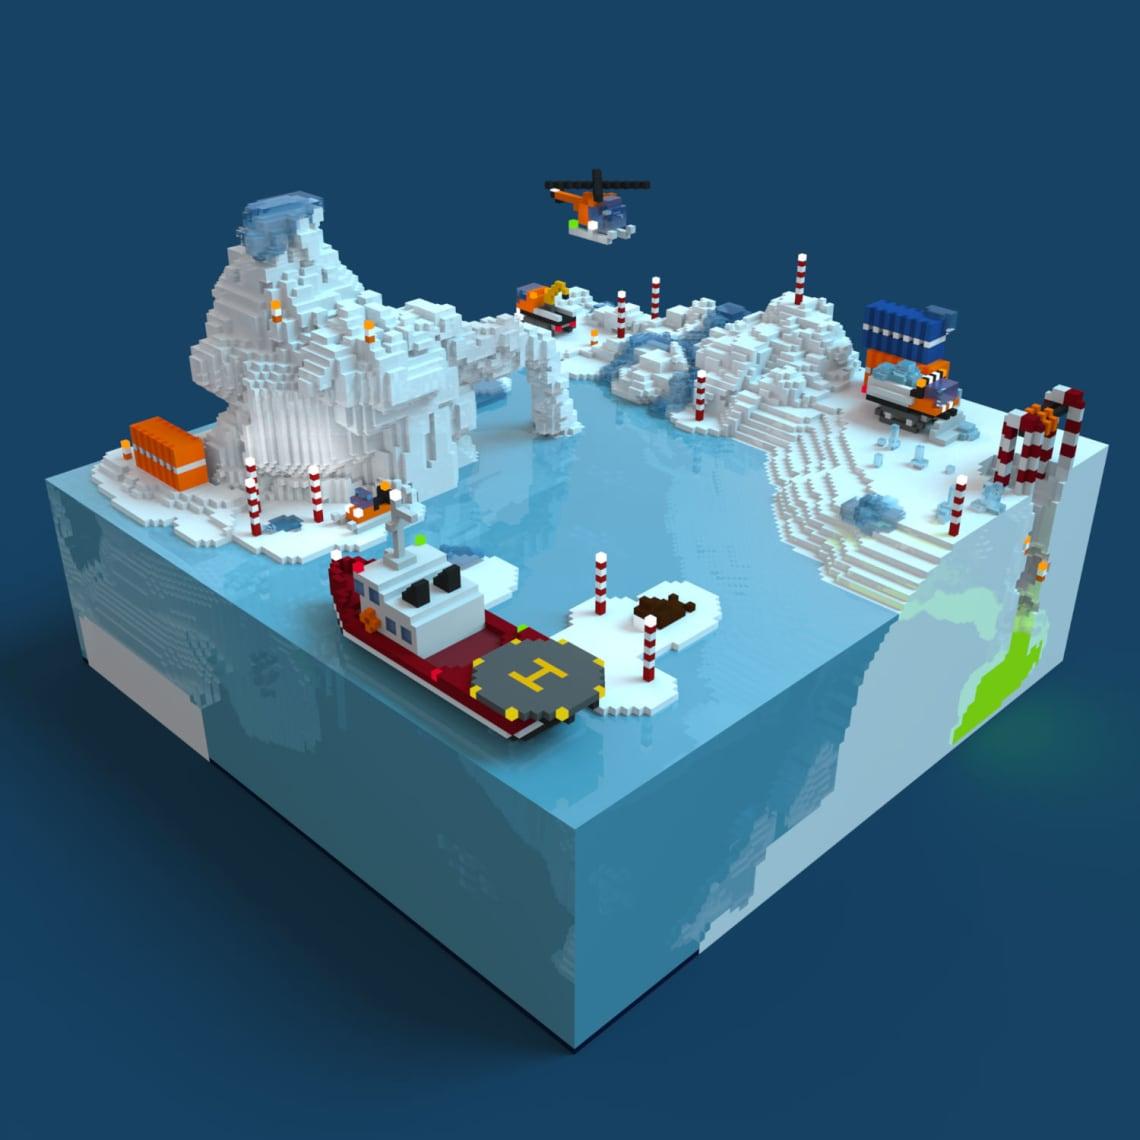 Forage Arctique Conception,Direction Artistique,3D,Voxel